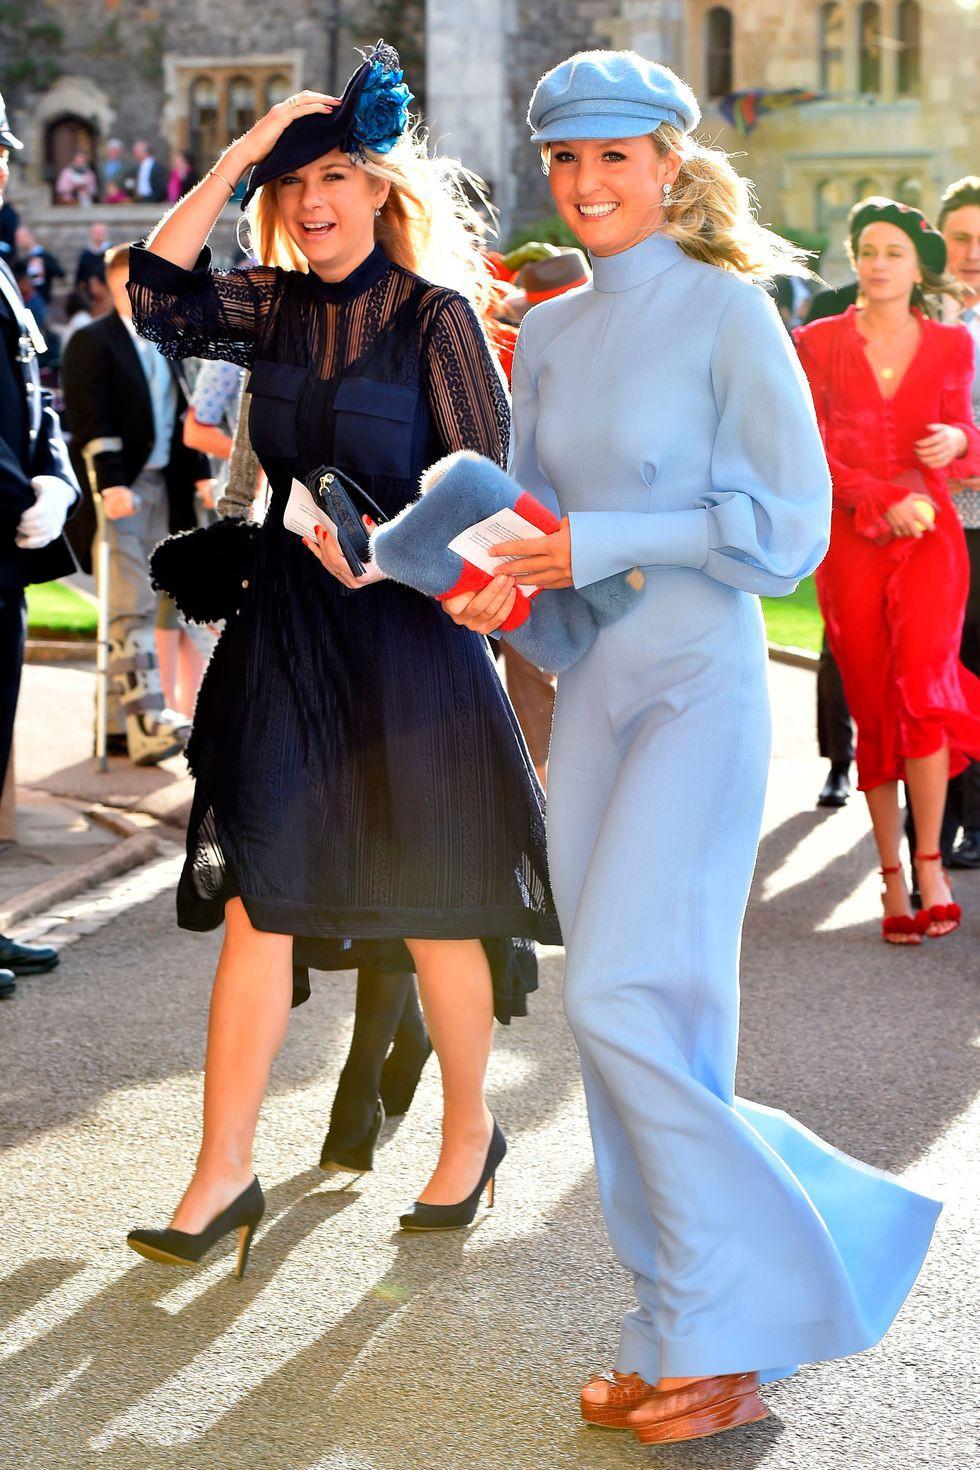 Đám cưới Công chúa Eugenie: Cara Delevingne chơi trội diện đồ nam, làm lu mờ cả Công nương Kate và Meghan - Ảnh 12.